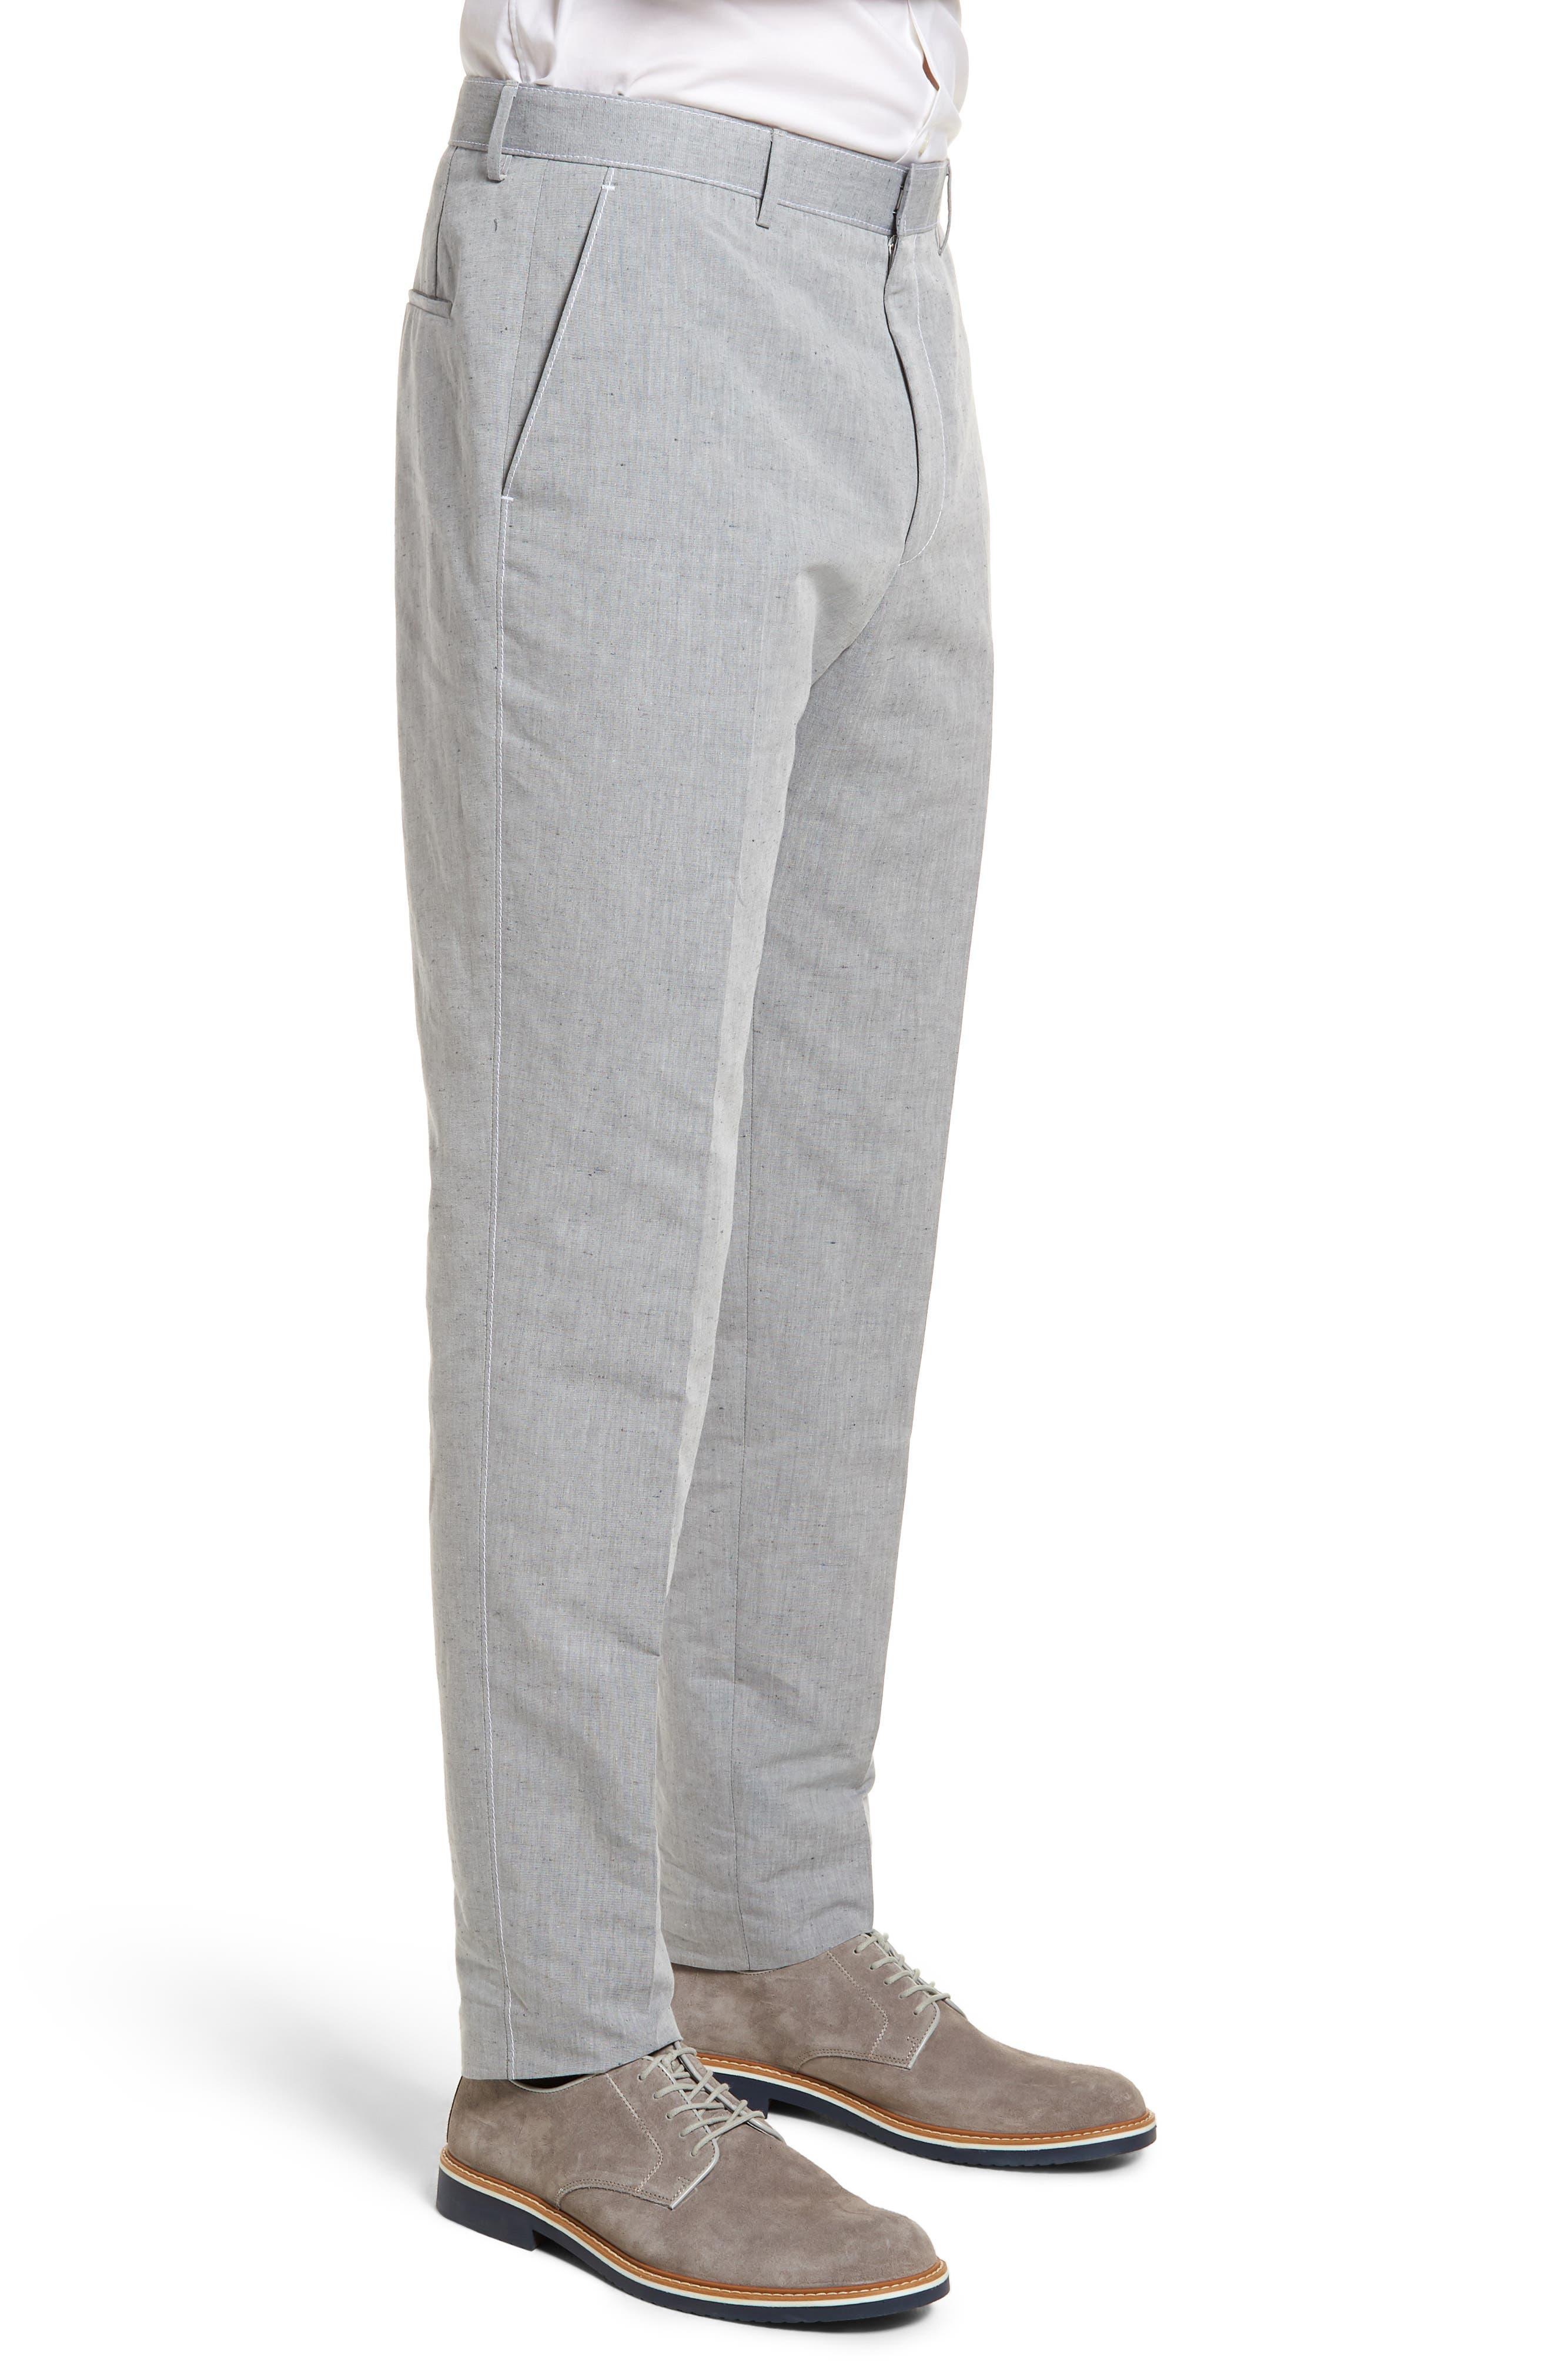 Pirko Flat Front Linen & Cotton Trousers,                             Alternate thumbnail 3, color,                             020